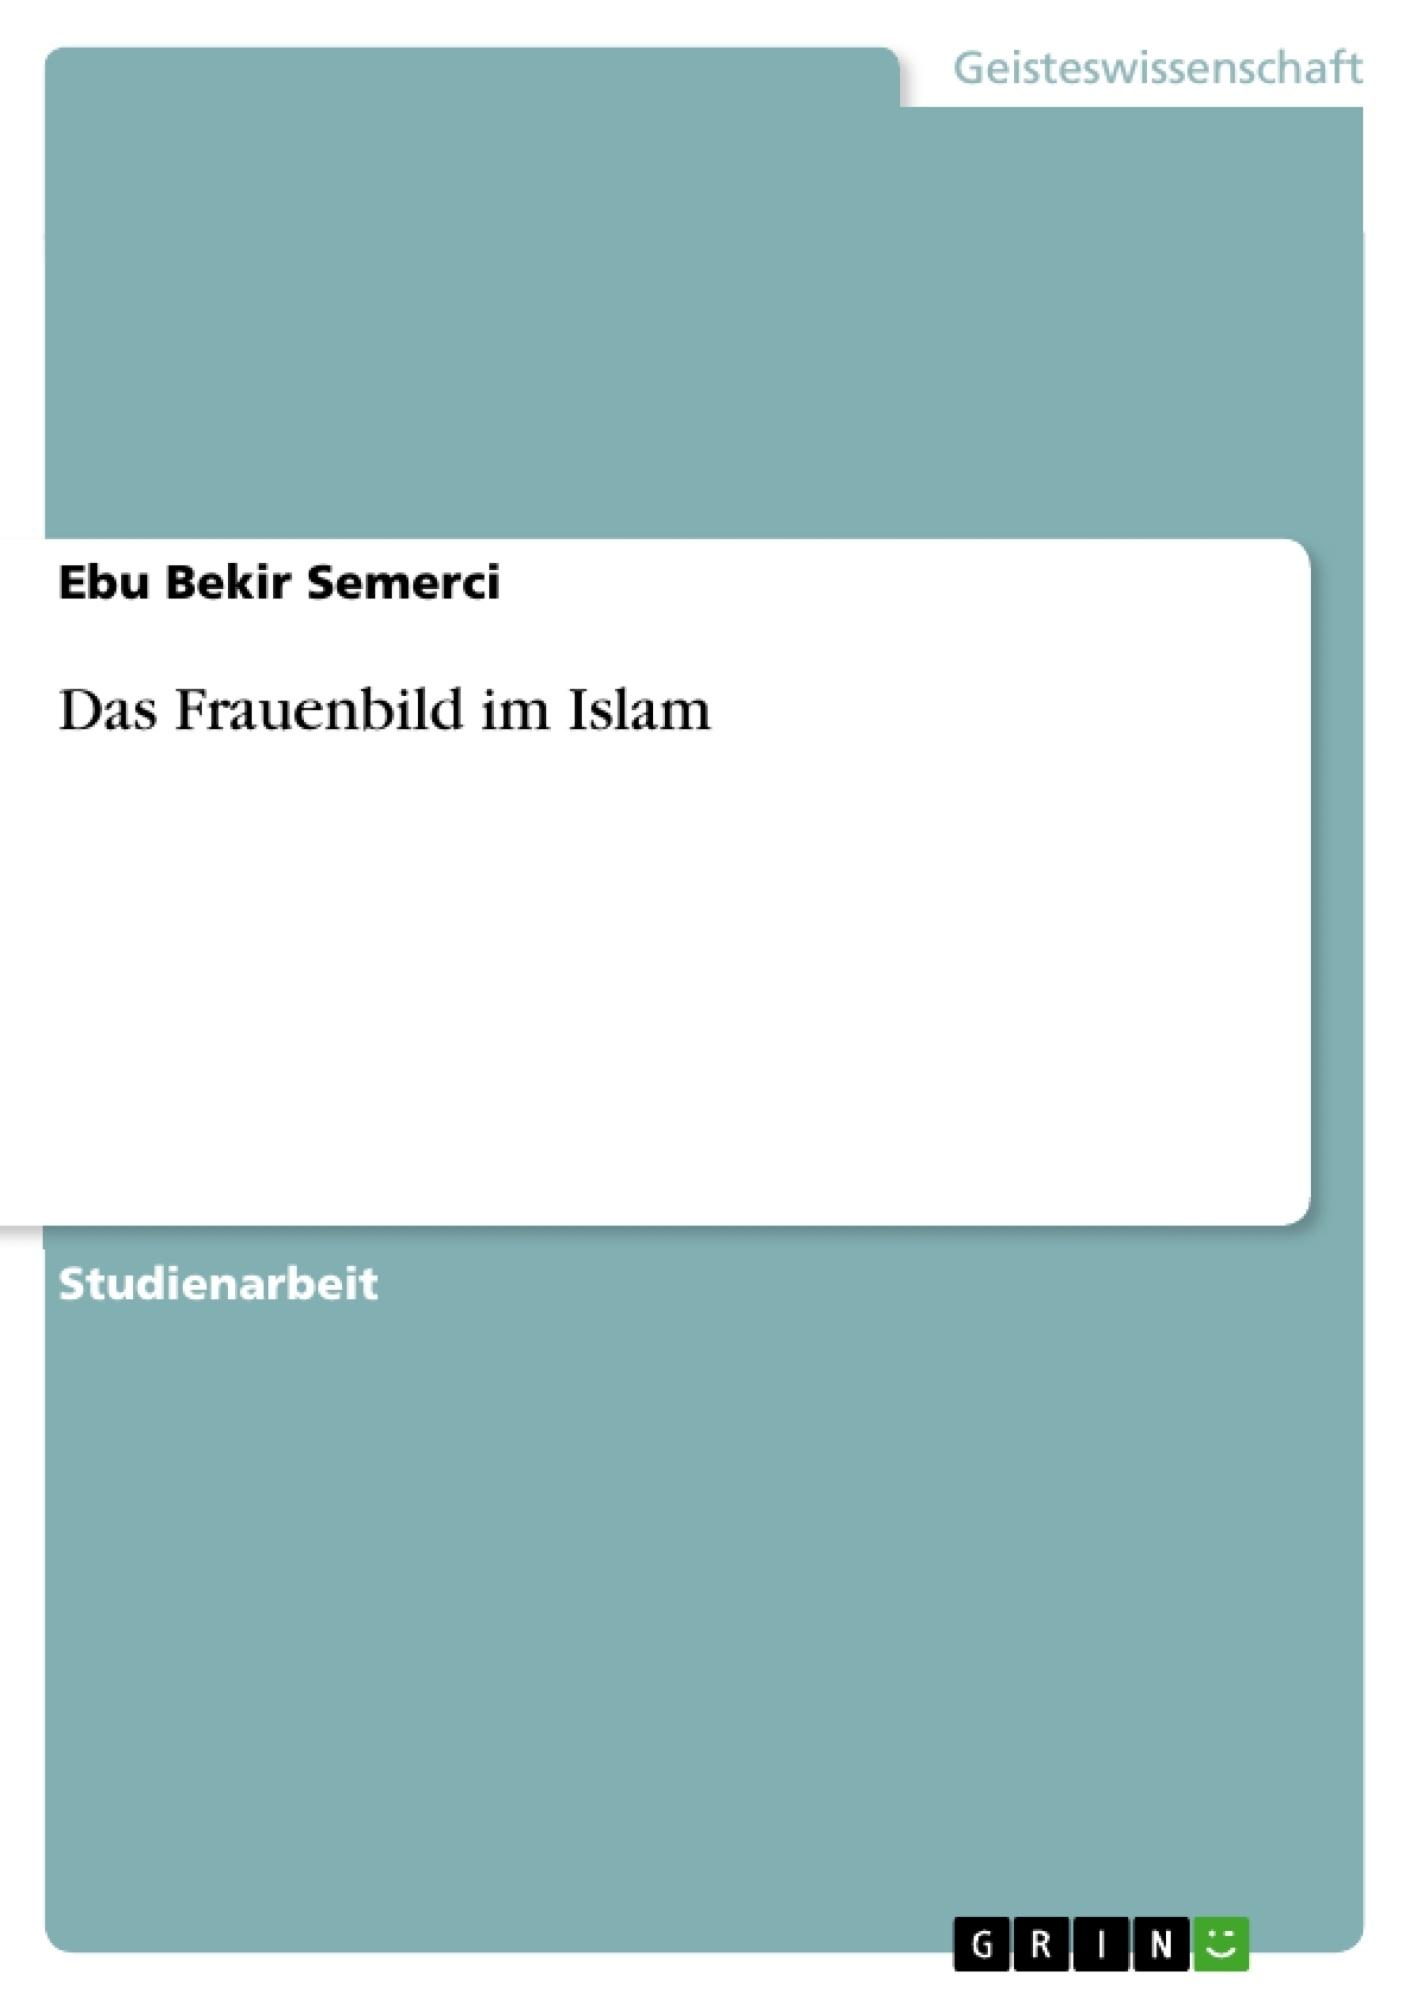 Titel: Das Frauenbild im Islam